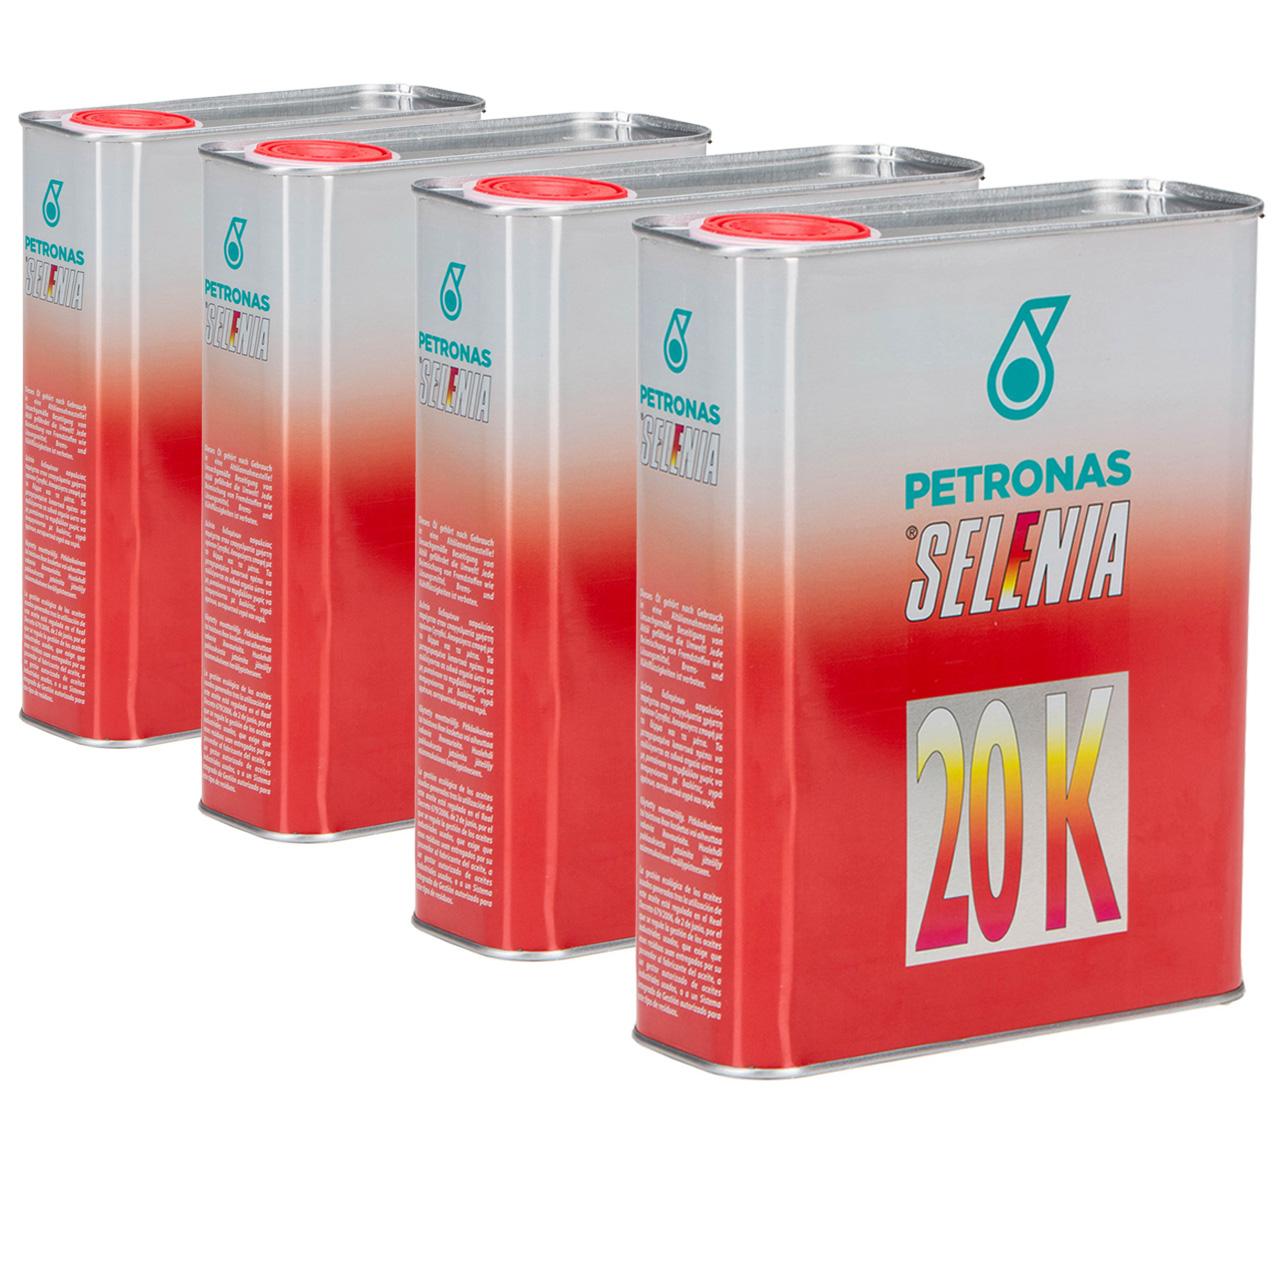 PETRONAS SELENIA Motoröl Öl 20 K 10W-40 10W40 Fat 9.5535-G2/2015 - 8L 8 Liter